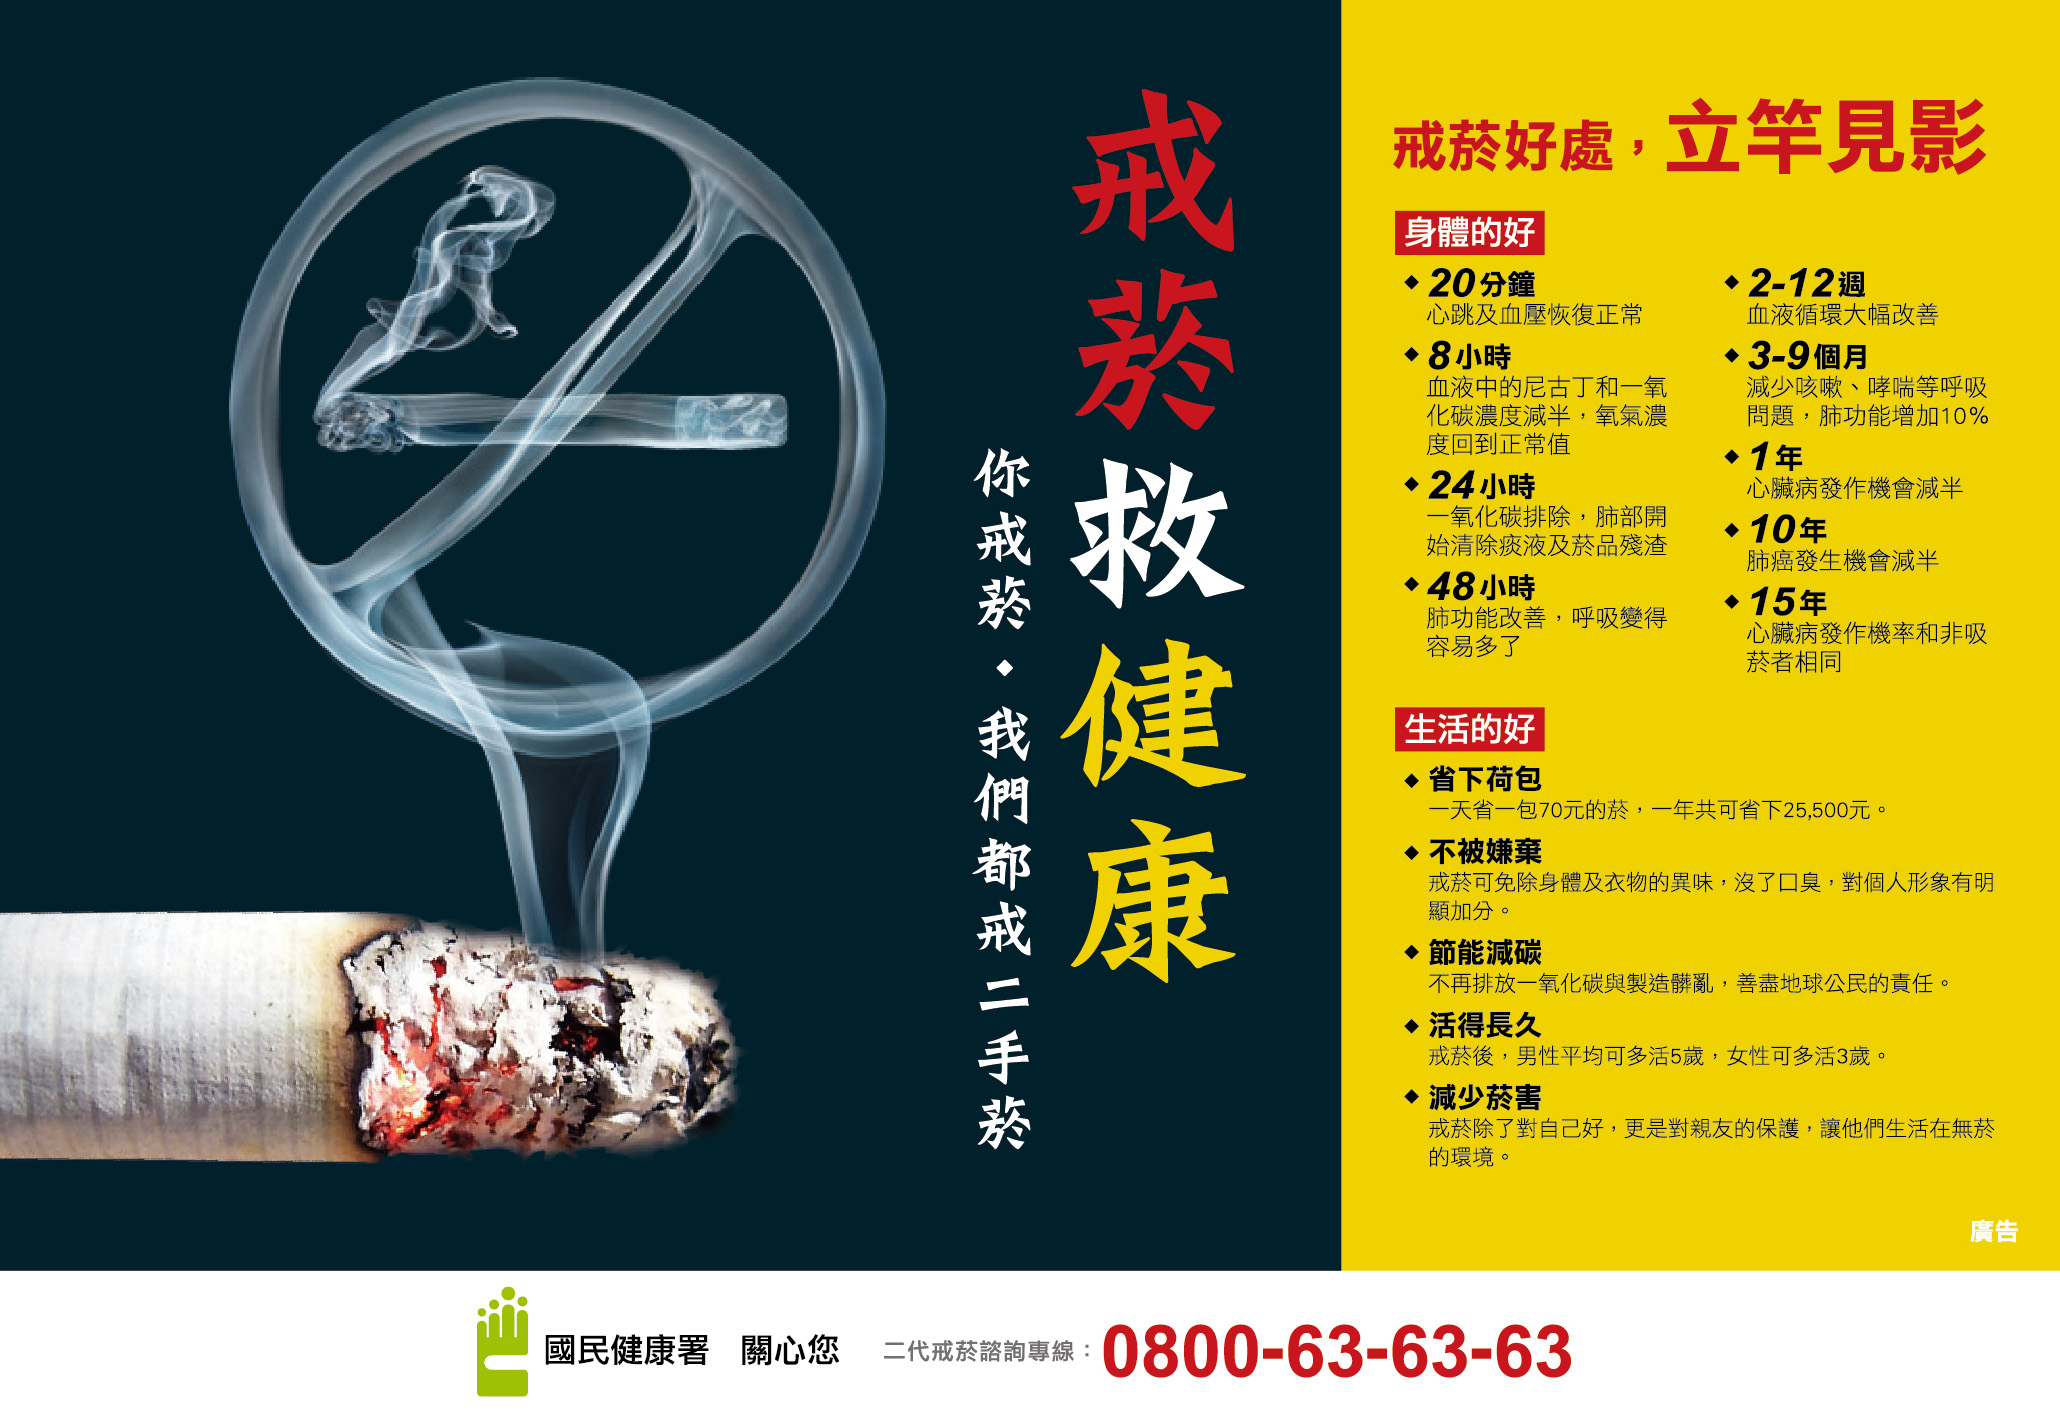 戒菸救健康 你戒菸‧我們都戒二手菸 (橫向)